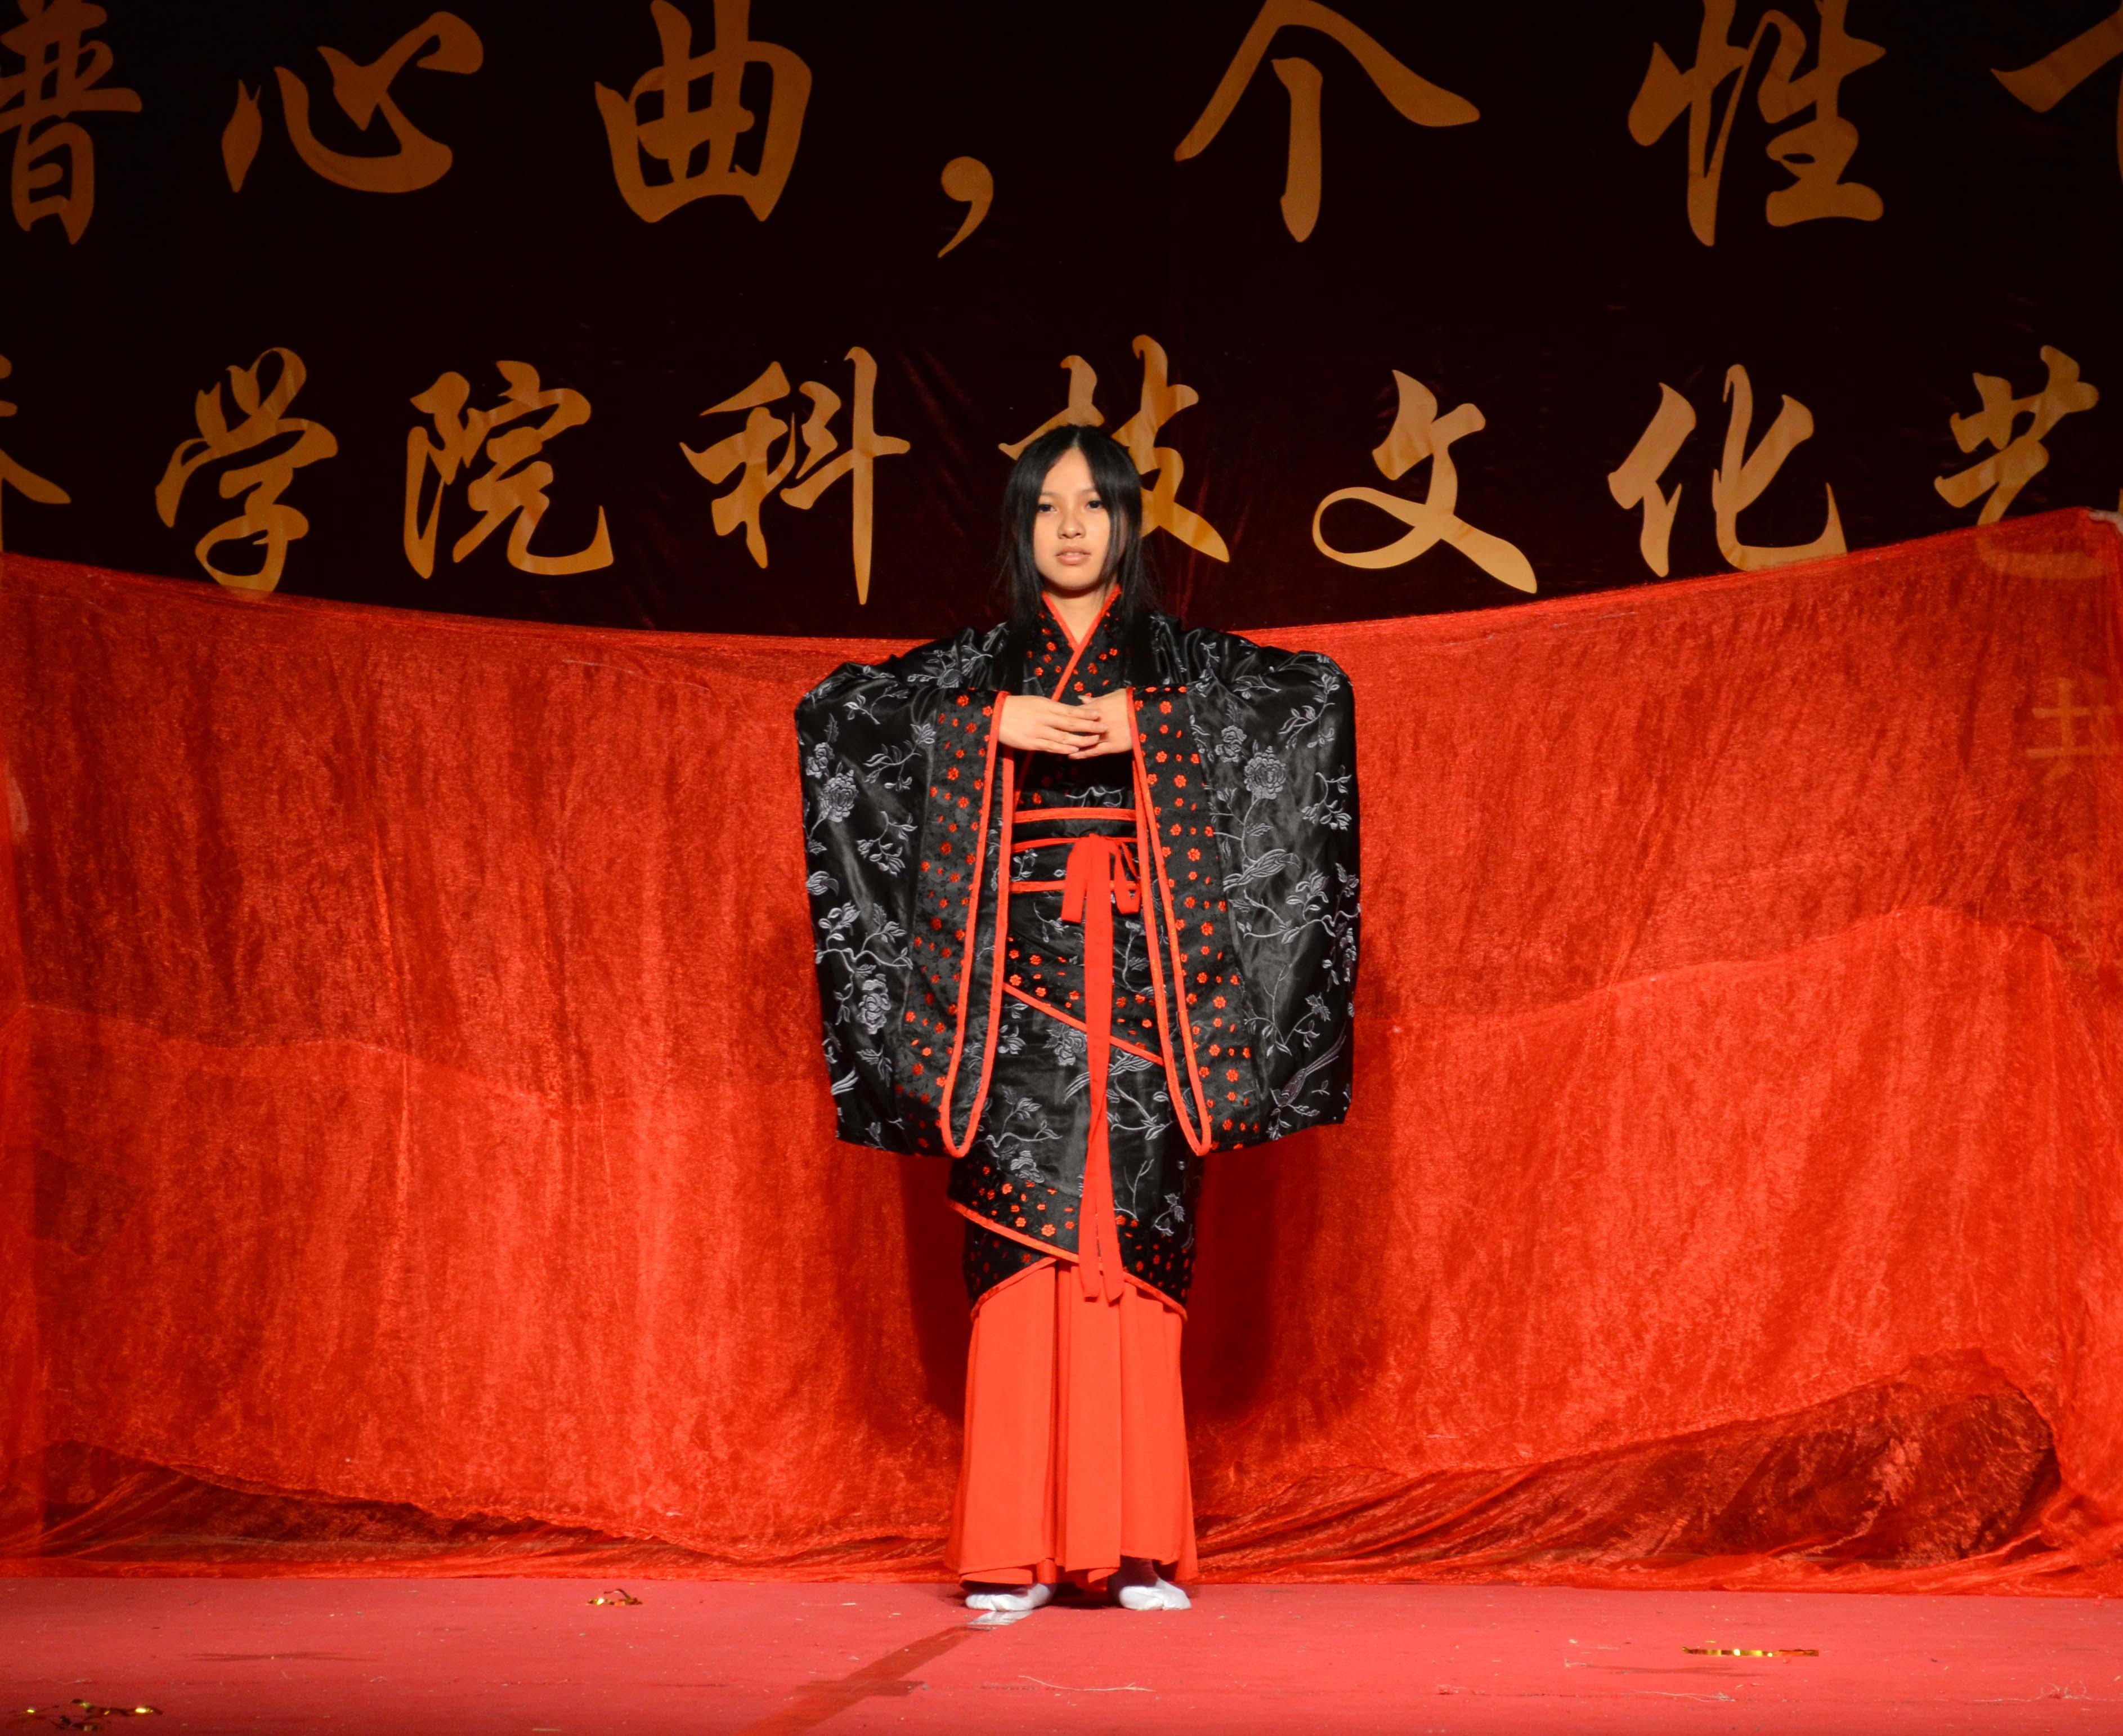 回顾历史,汉服表演  拍摄者刘青青图片